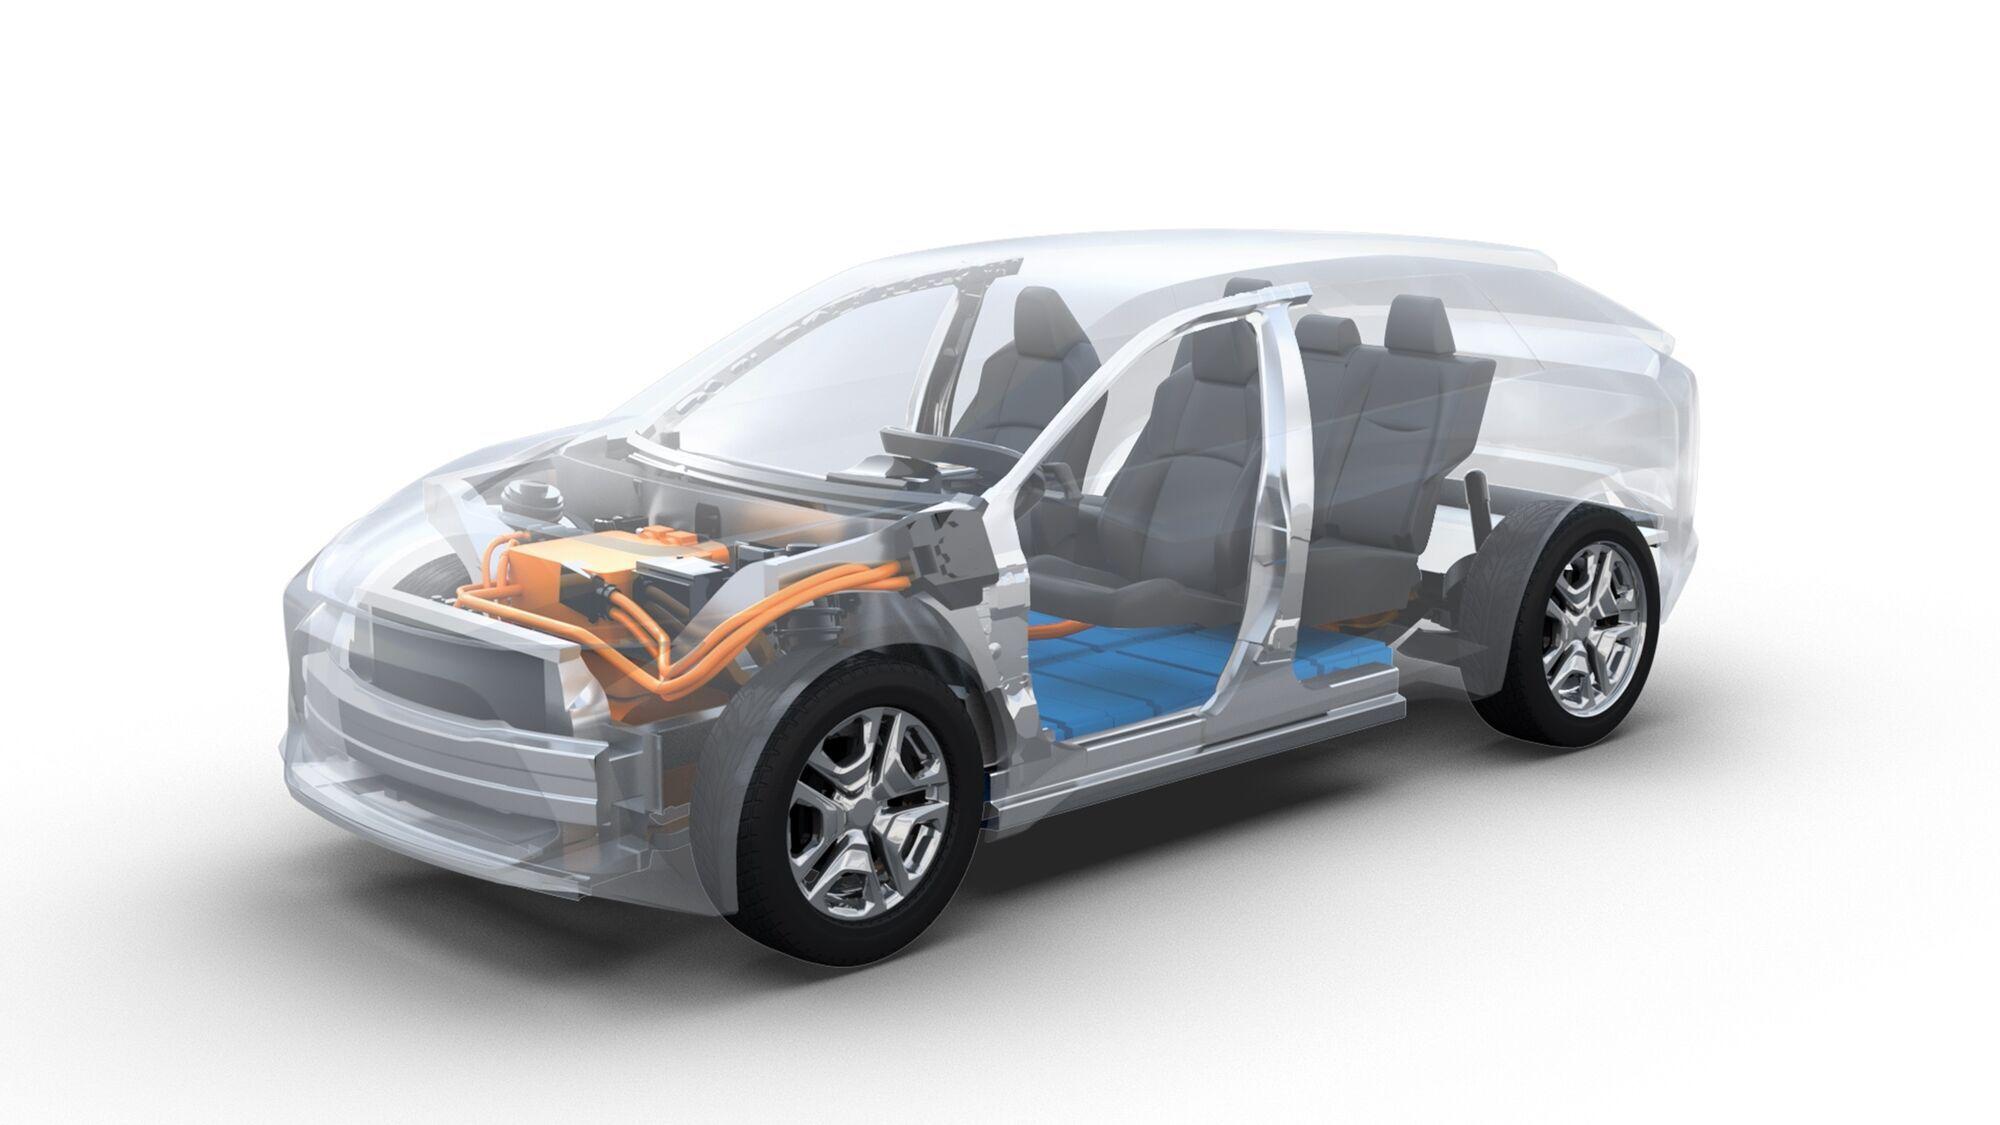 Перший серійний електричний кросовер Subaru буде використовувати модельну платформу e-TNGA компанії Toyota